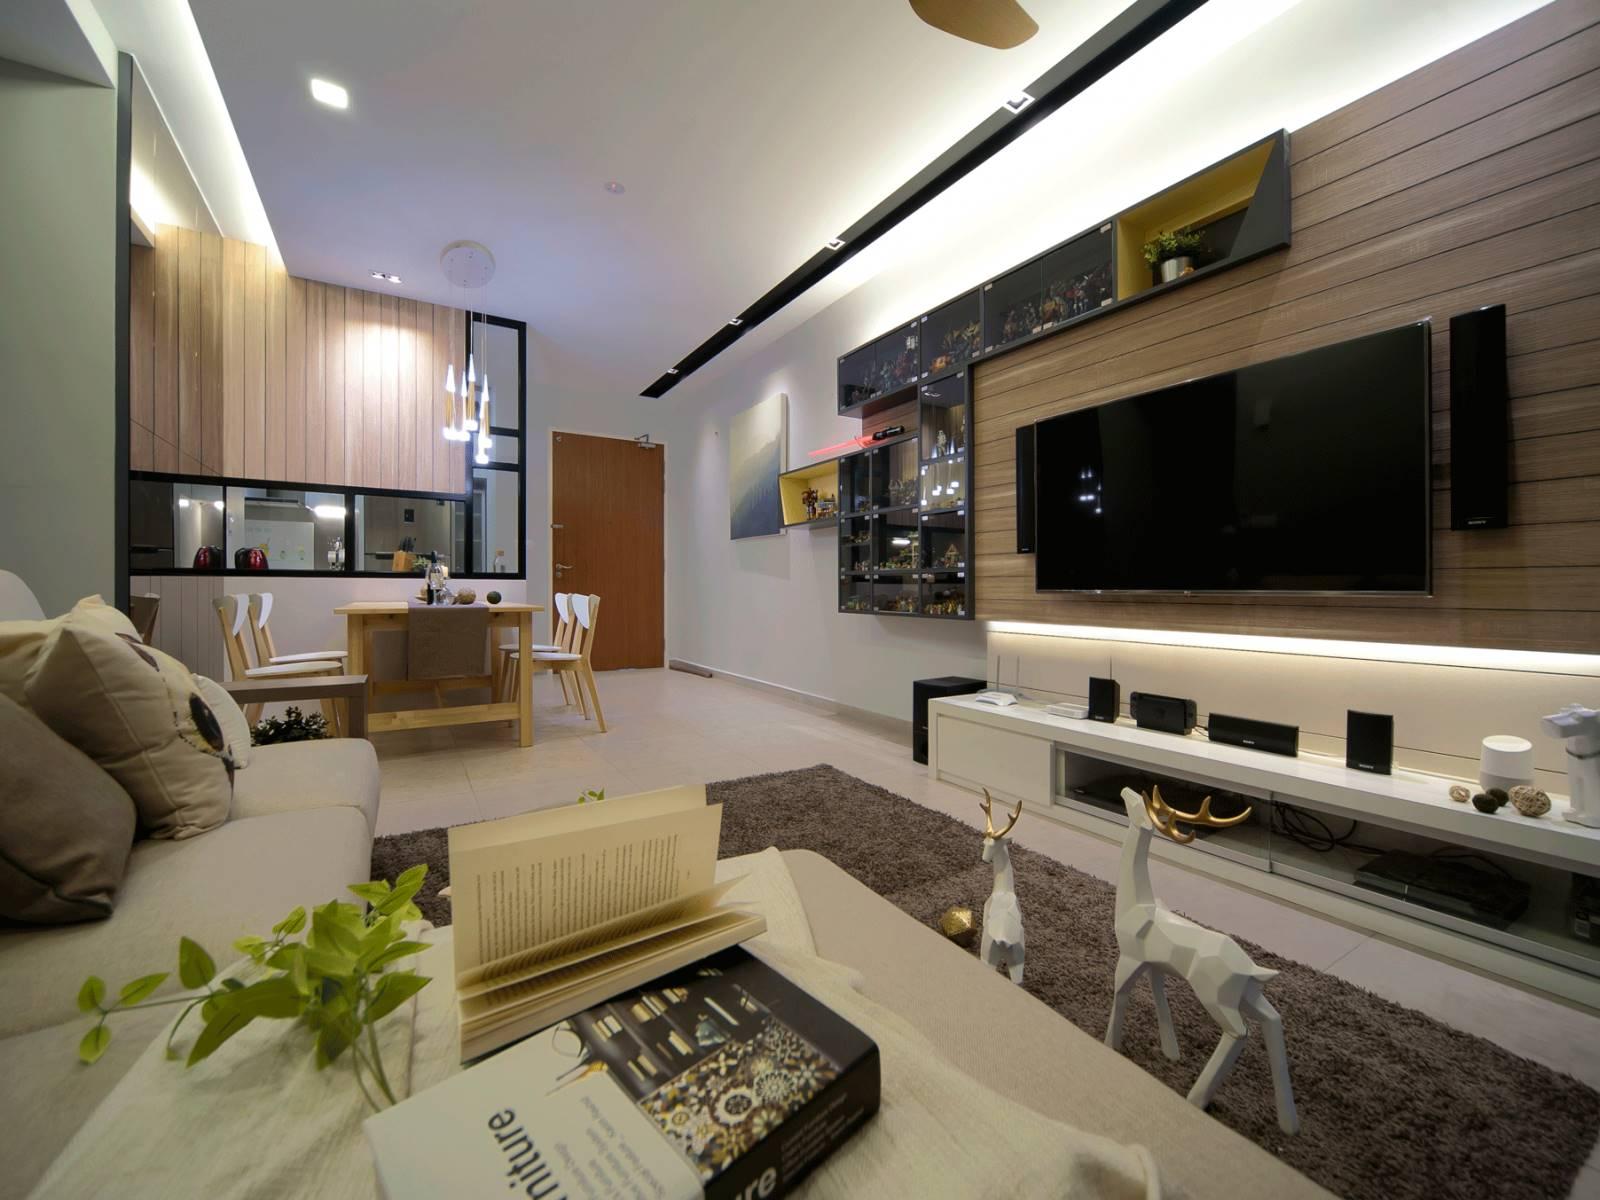 The Petalz - Jalan Klang Lama | Interior Design Malaysia